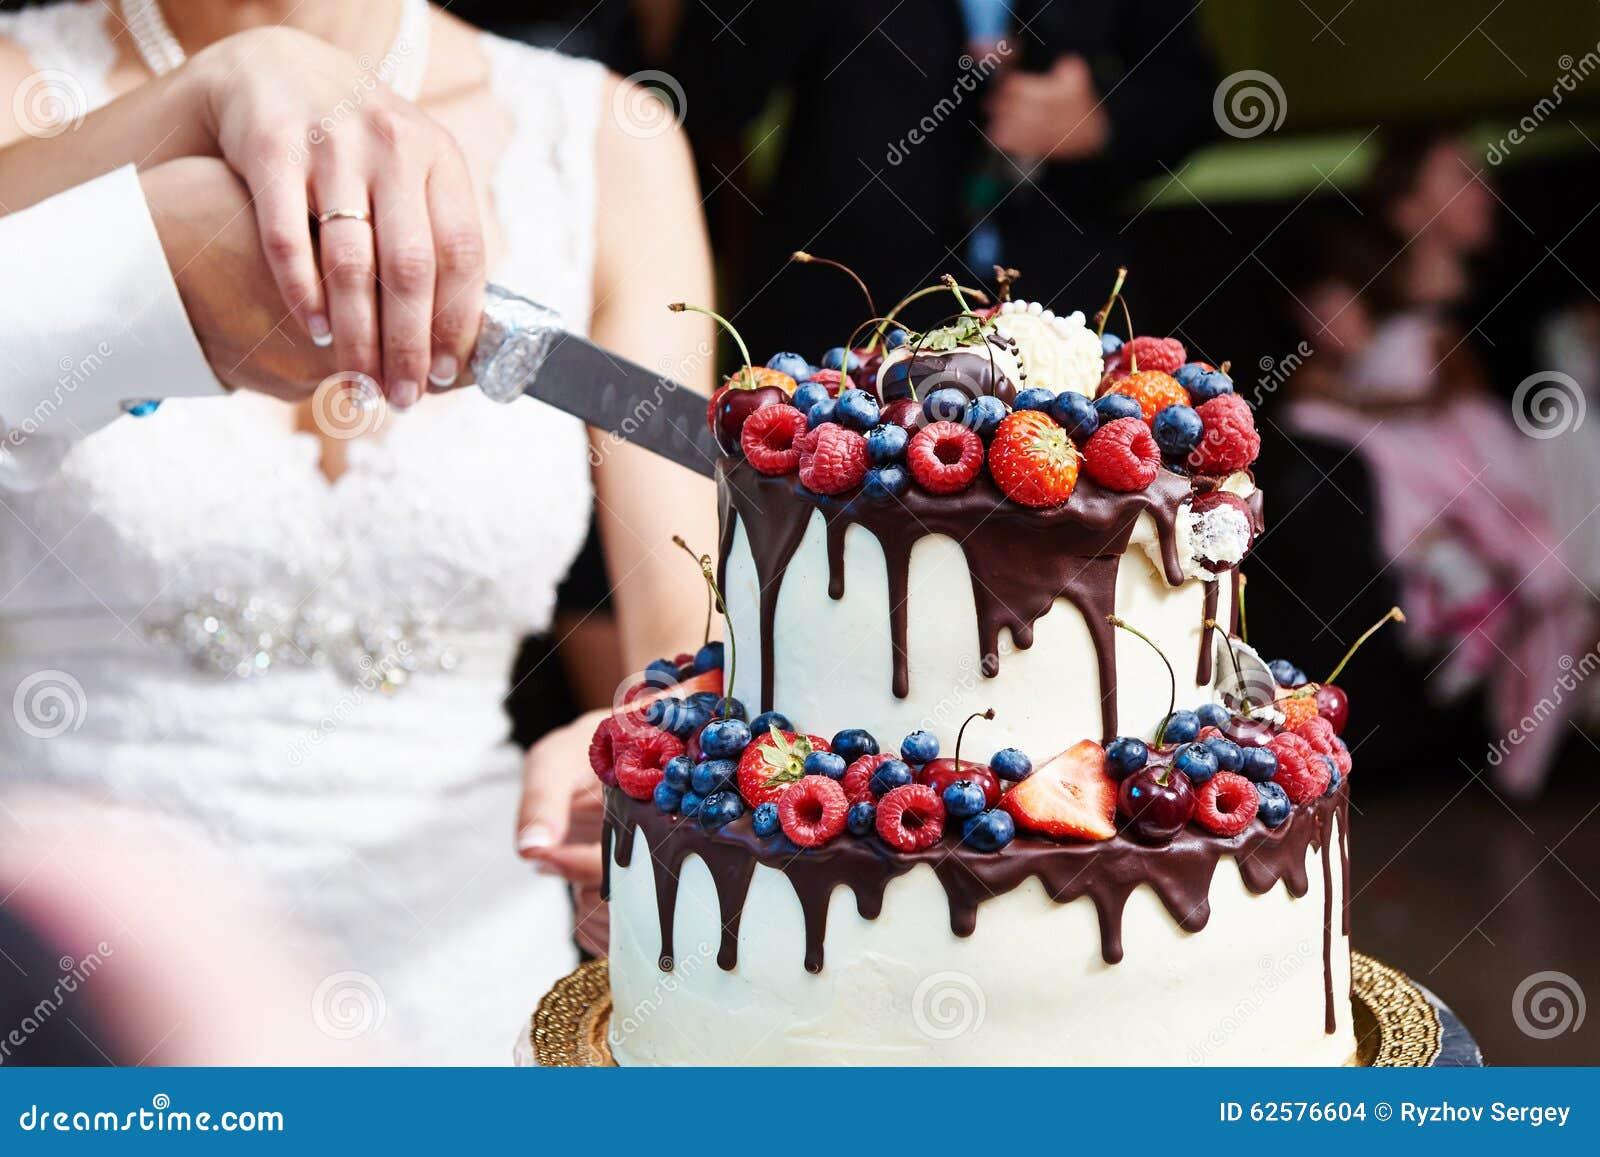 Schnitt Der Hochzeitstorte Mit Beeren Stockfoto Bild Von Himbeeren